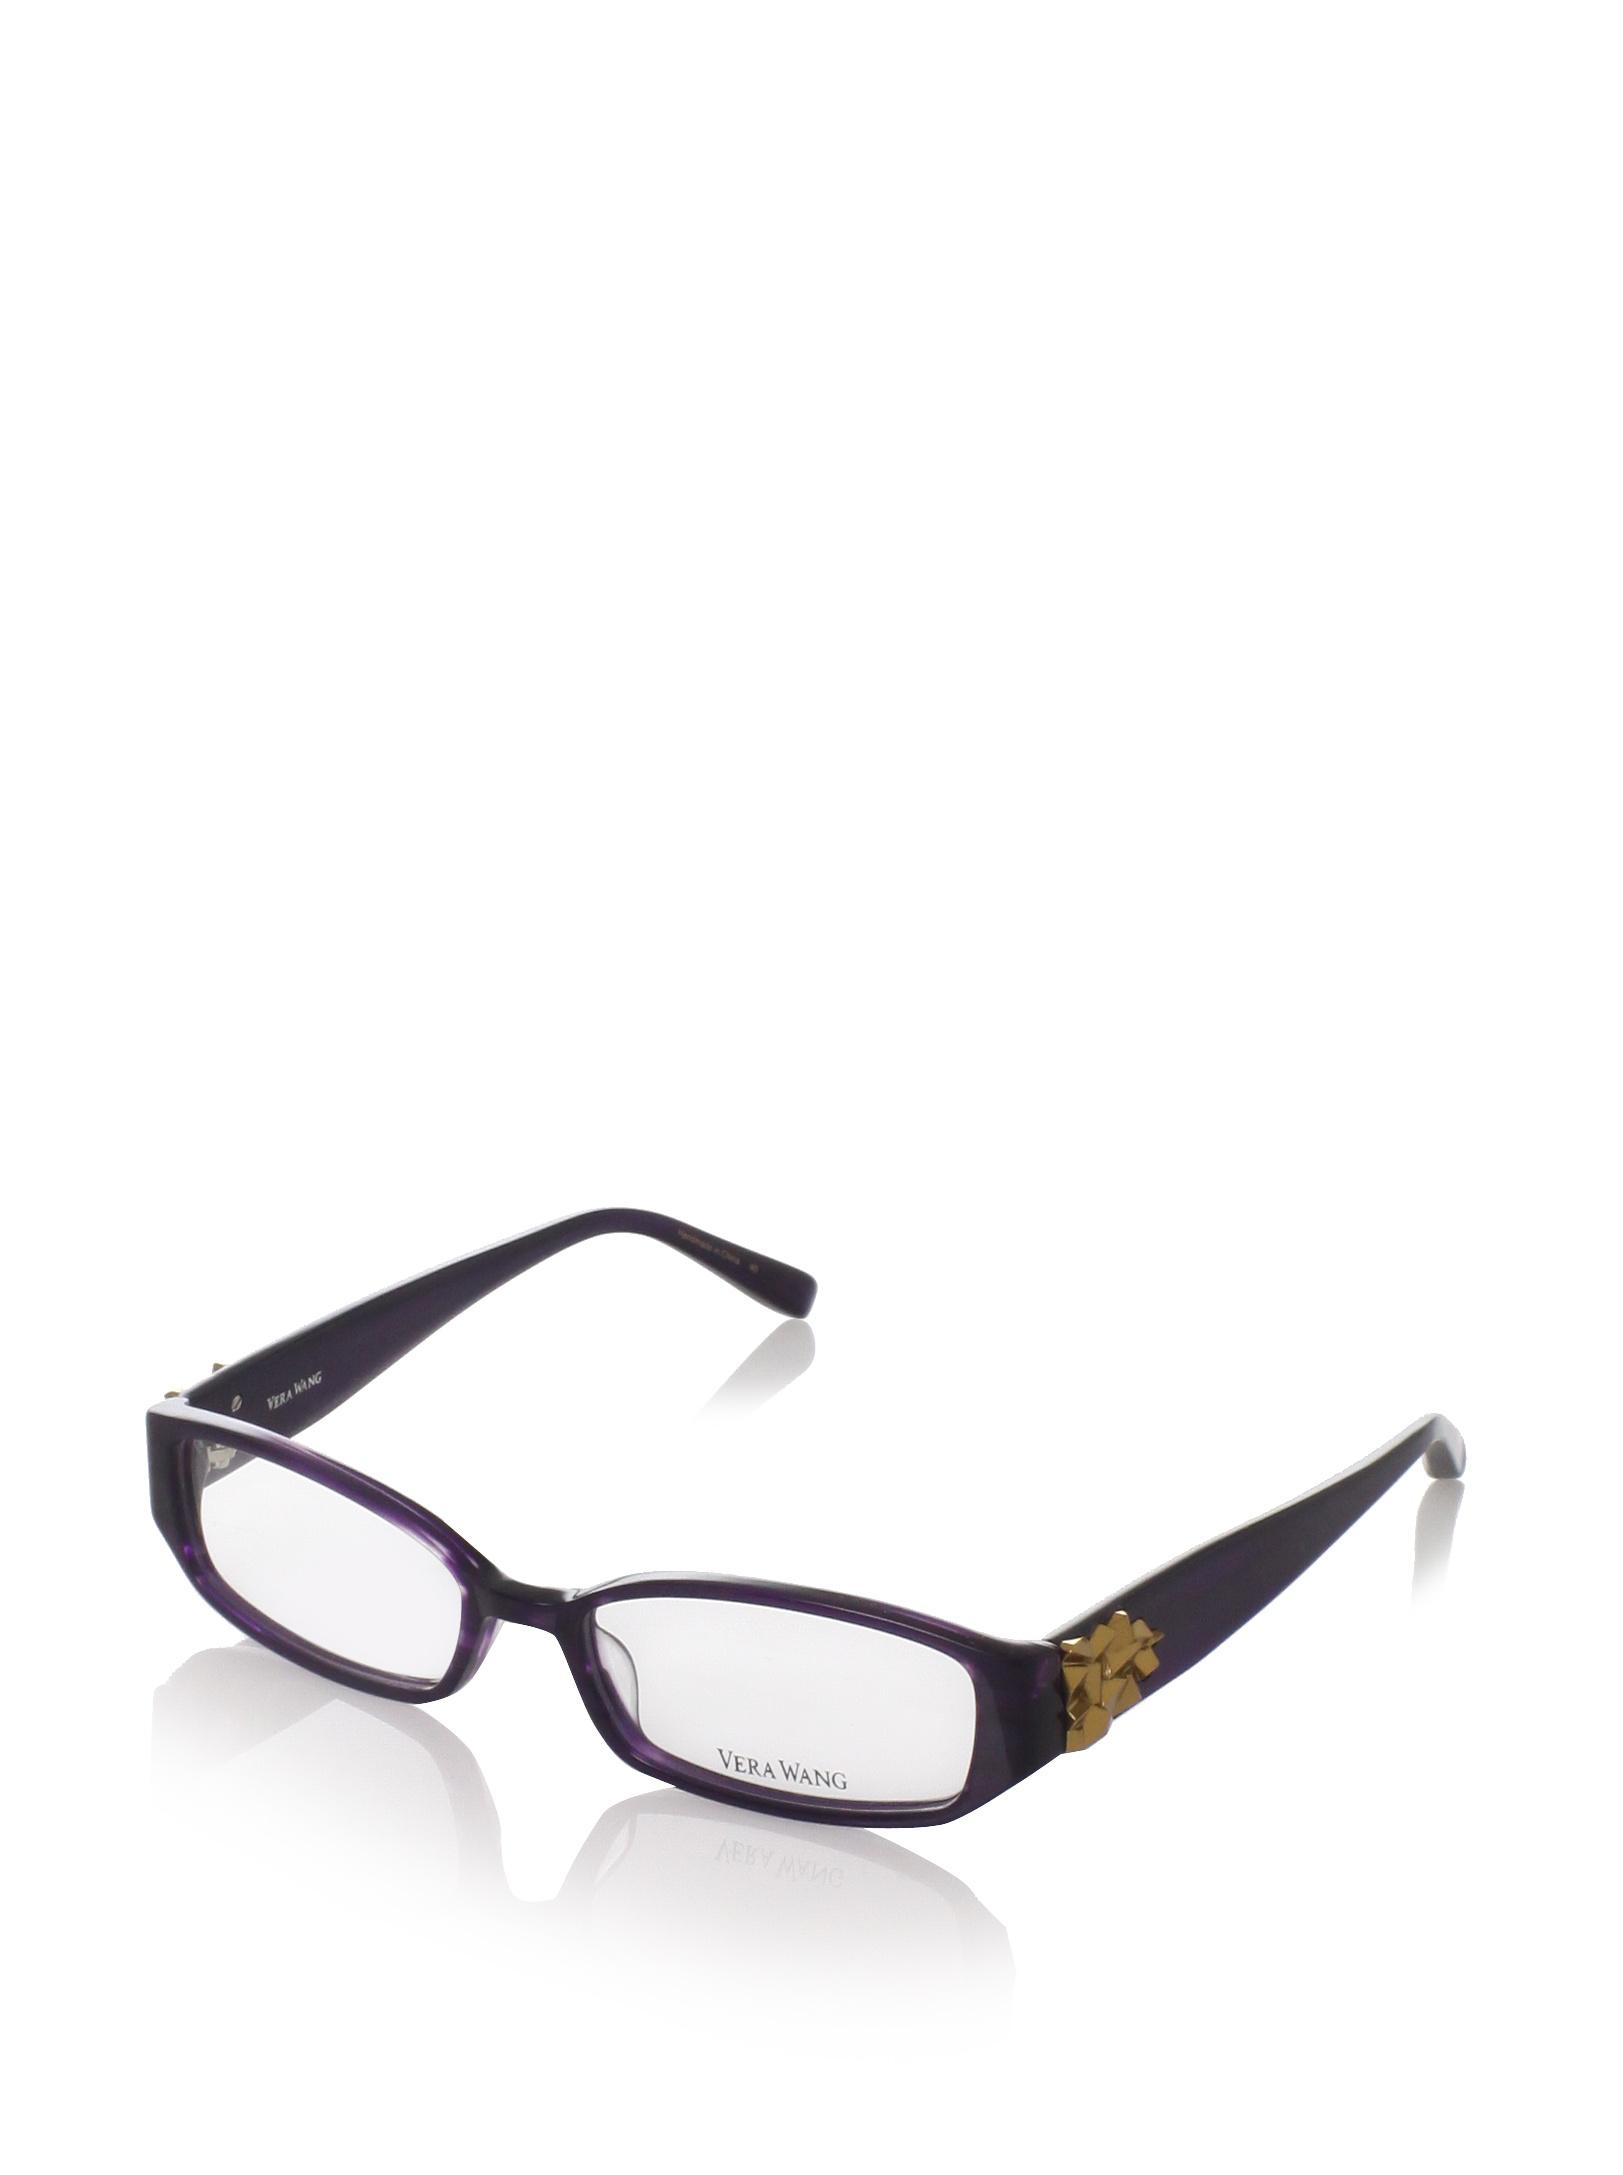 Vera Wang Eyeglasses V055 Eyeglasses in Plum 51mm